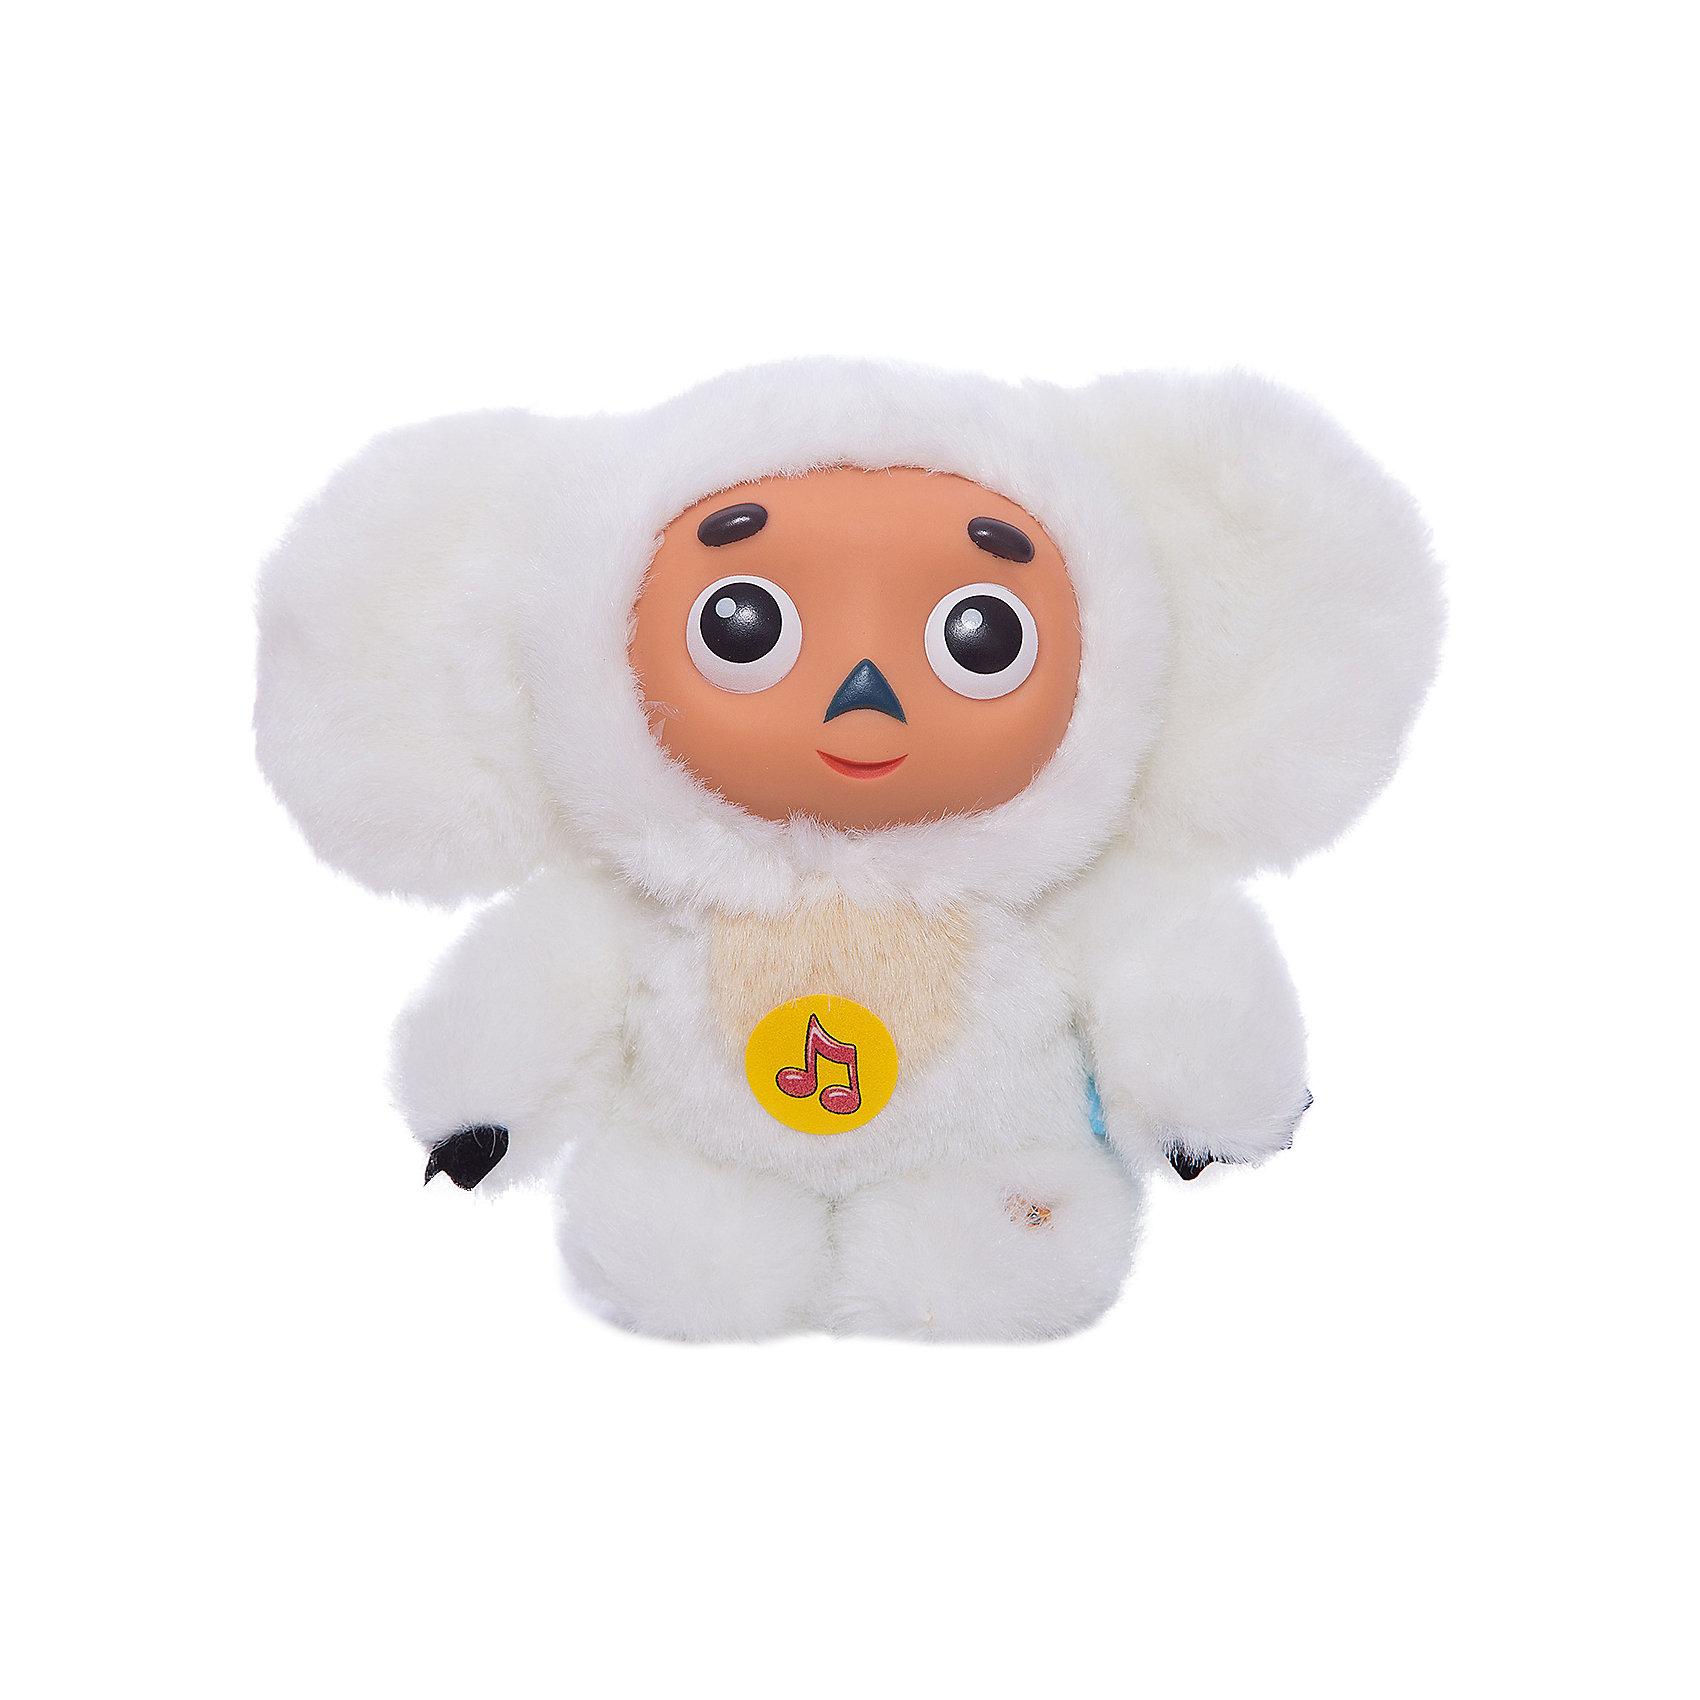 Мягкая игрушка Чебурашка, 14 см, МУЛЬТИ-ПУЛЬТИЧебурашка - известный герой книги Эдуарда Успенского, персонаж, которого полюбило ни одно поколение детей. У него гигантские уши, большие глаза и добрый характер. <br><br>Эта мягкая игрушка выполнена из белого меха, у неё пластиковая мордочка. <br>Чебурашка порадует ребенка разными фразами из любимого мультфильма! (9 фраз и 2 песенки) <br>Размер в высоту: 14 см.<br><br>Мягкую игрушку Чебурашка, 14 см, МУЛЬТИ-ПУЛЬТИ можно купить в нашем магазине.<br><br>Ширина мм: 60<br>Глубина мм: 230<br>Высота мм: 250<br>Вес г: 210<br>Возраст от месяцев: 12<br>Возраст до месяцев: 72<br>Пол: Унисекс<br>Возраст: Детский<br>SKU: 2149133